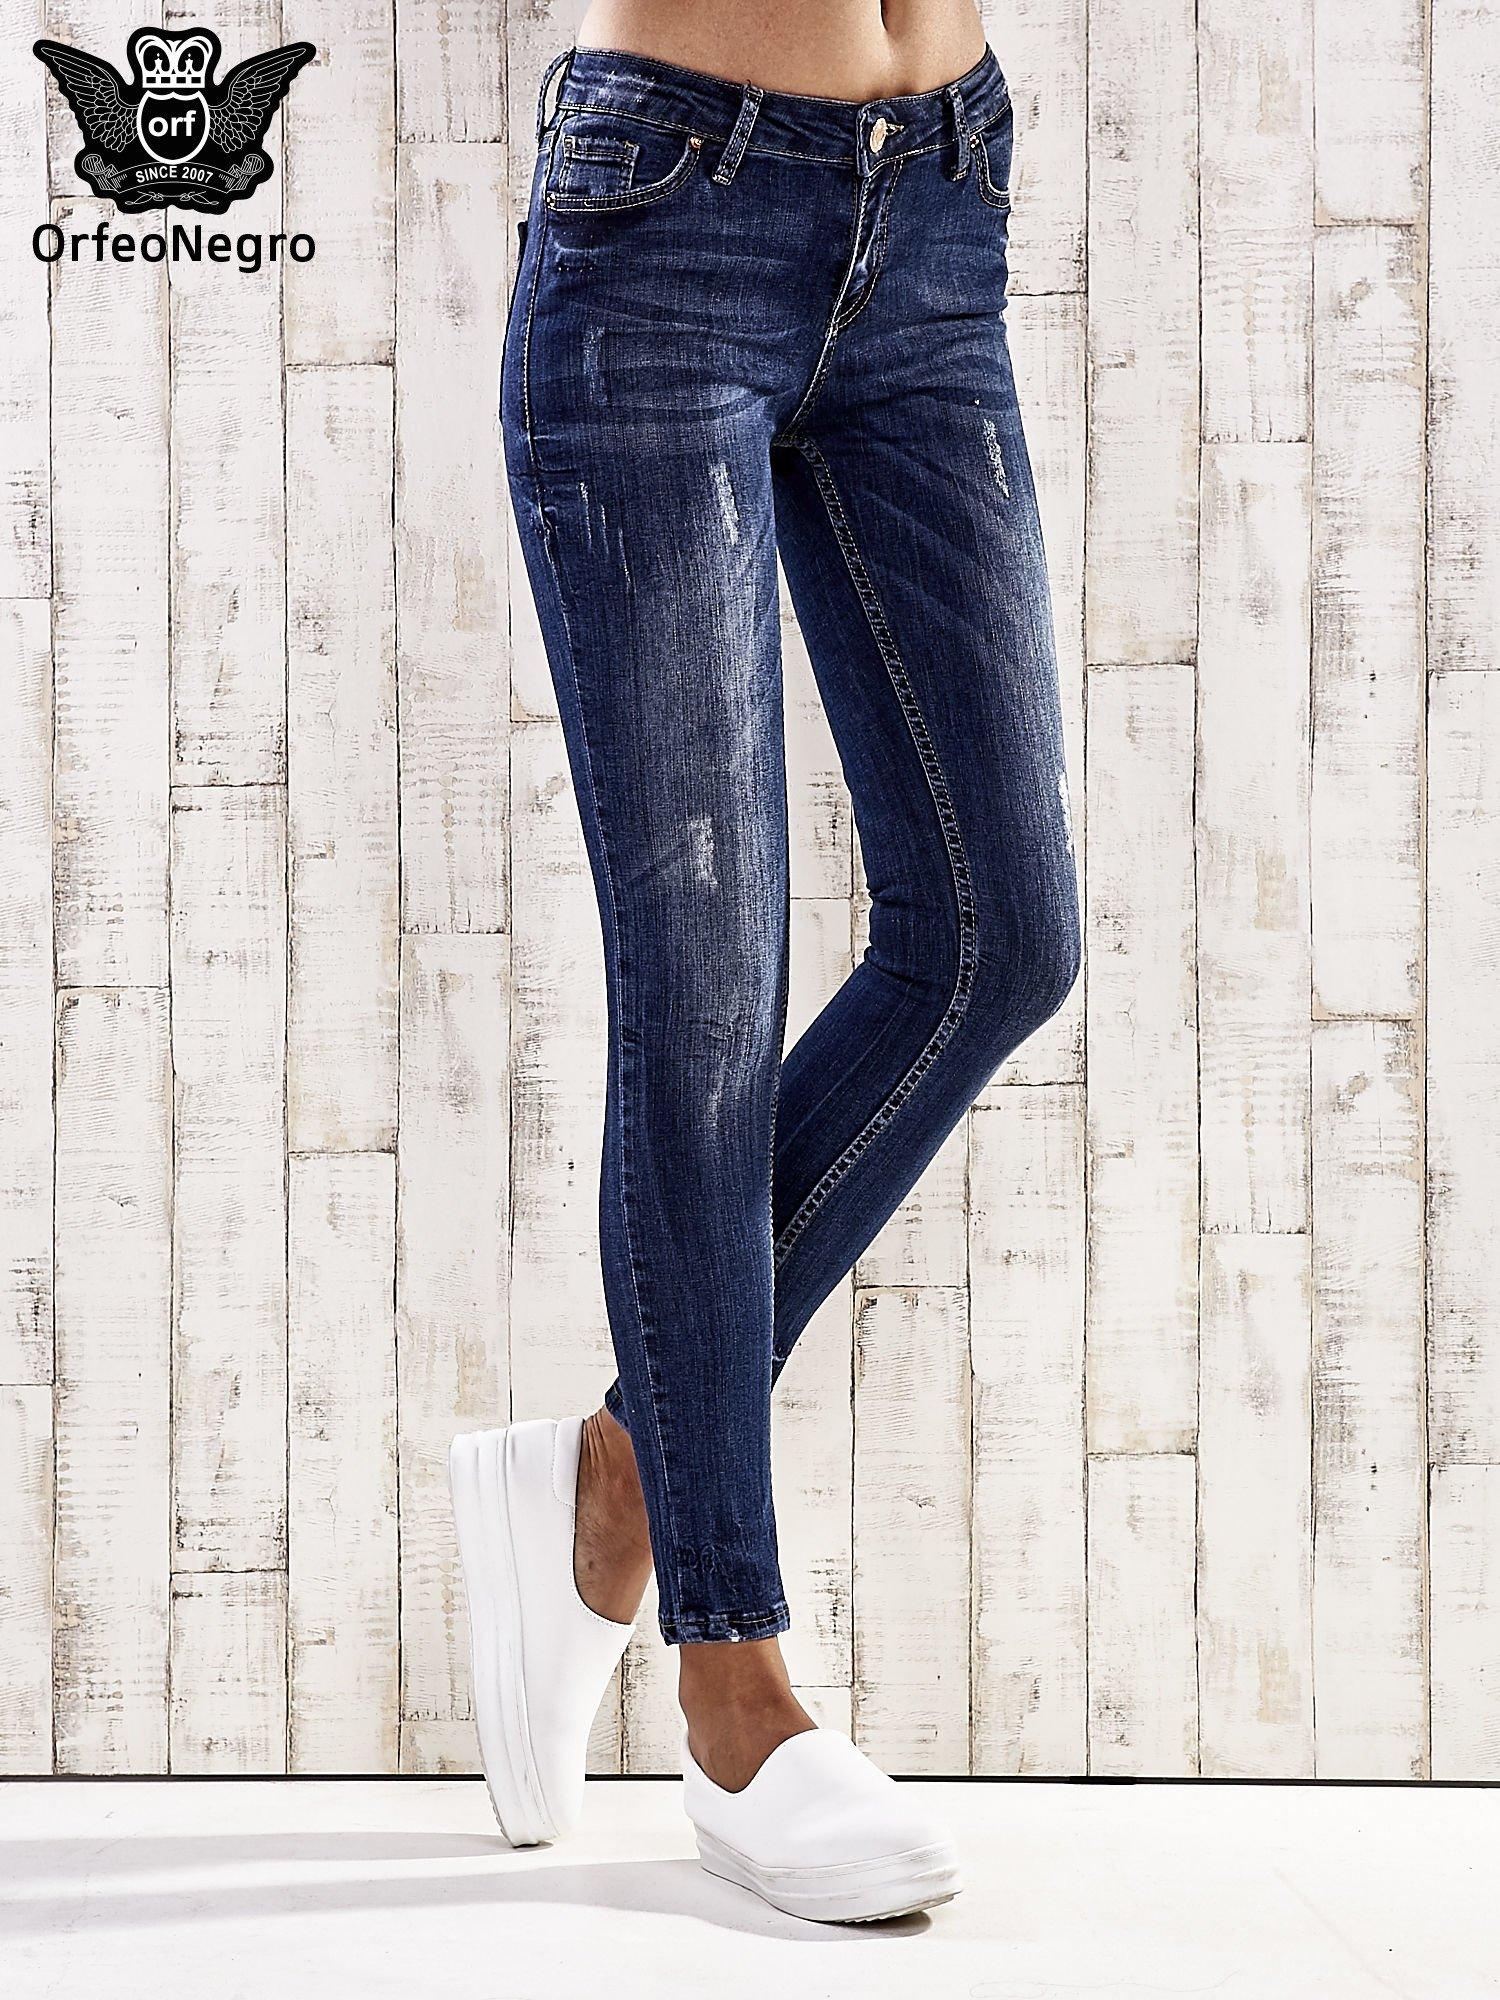 Ciemnoniebieskie spodnie skinny jeans z efektem marble denim                                  zdj.                                  1